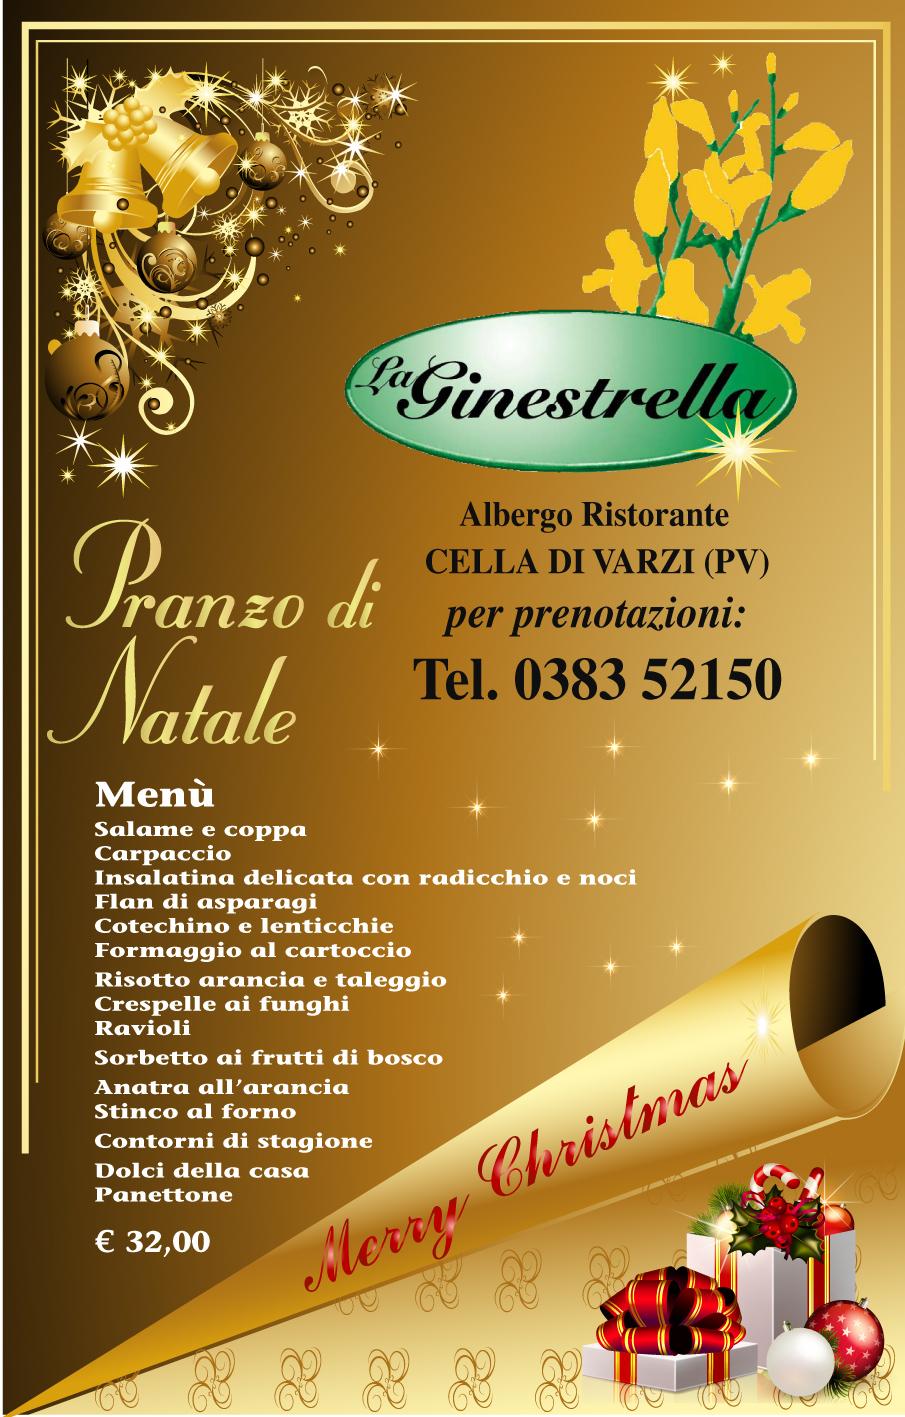 La Ginestrella, pranzo di Natale 2012